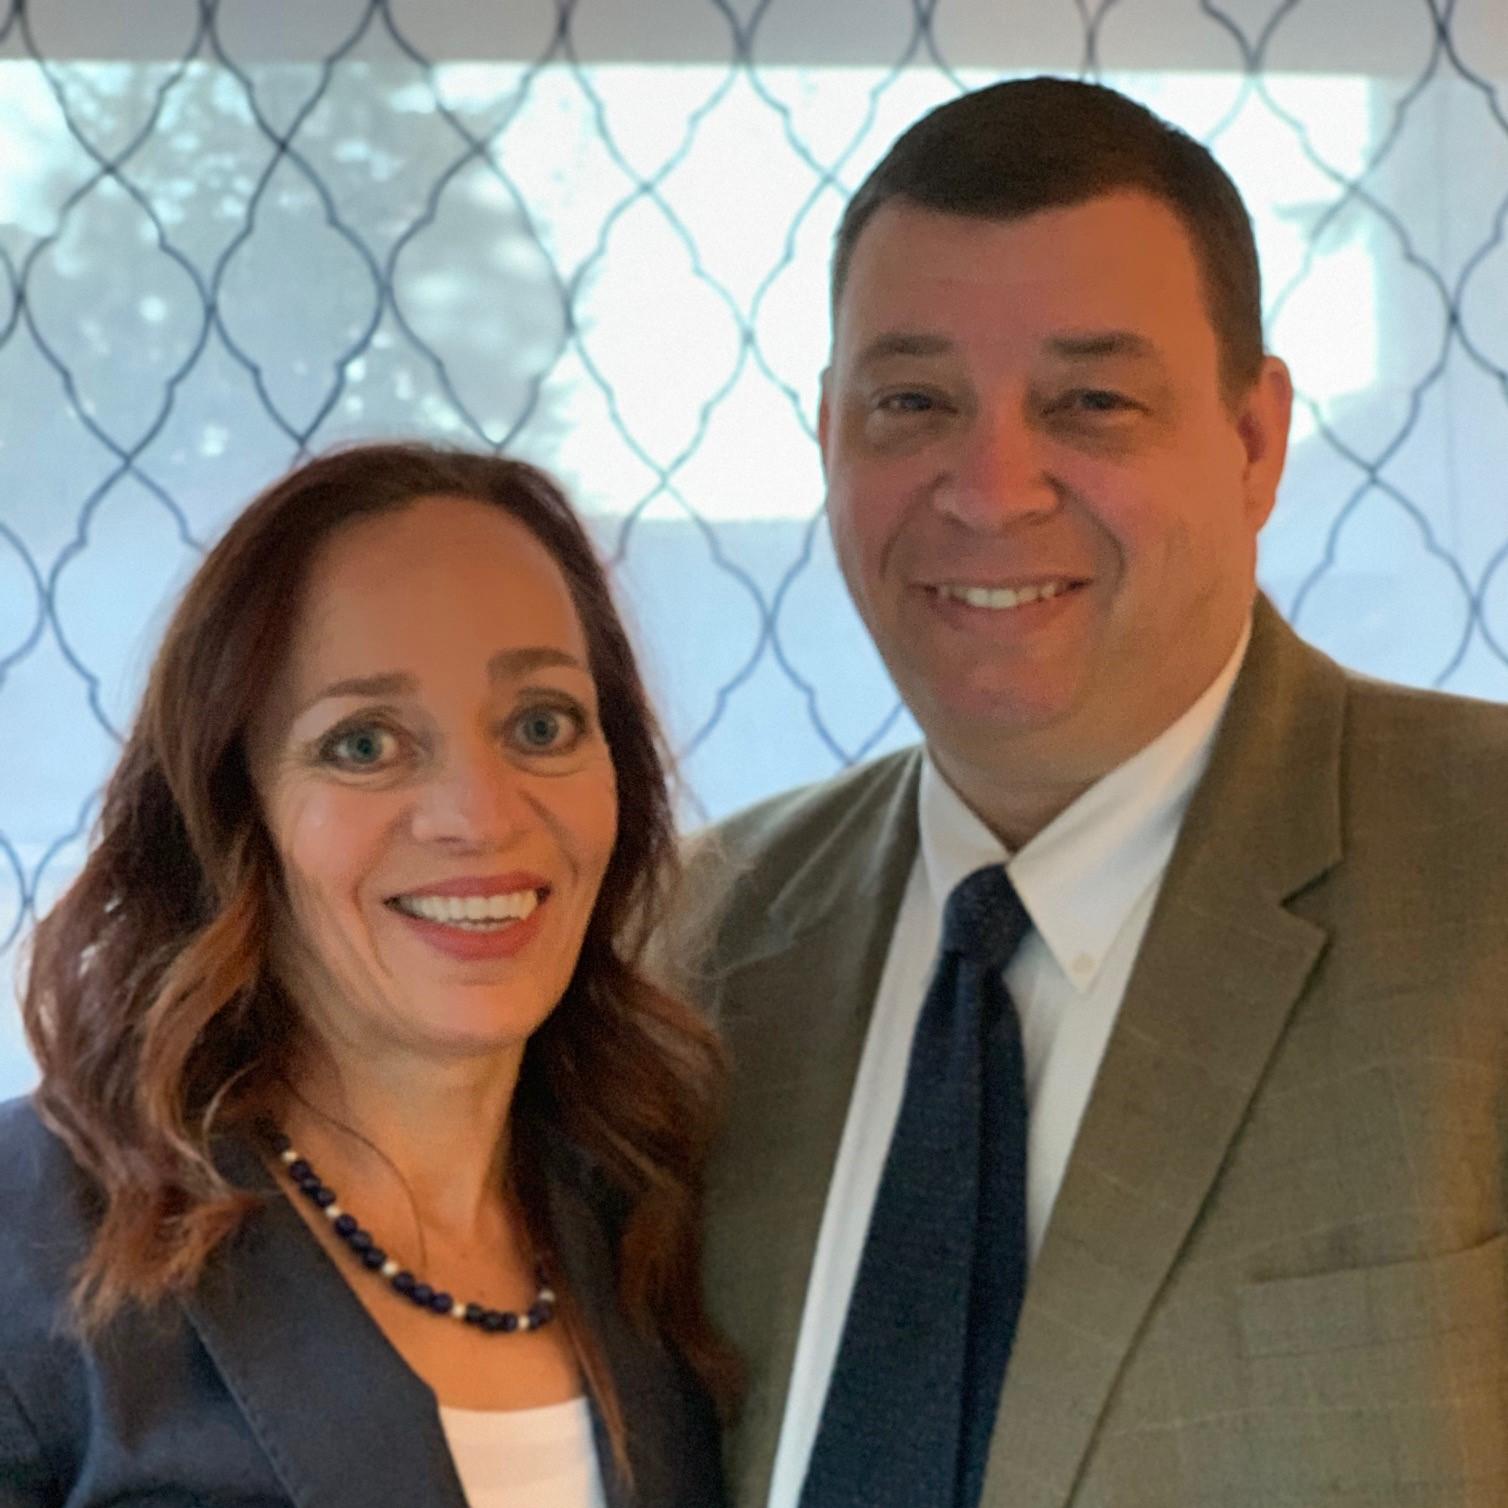 Tina M. Gehring and Jacob G. Gehring